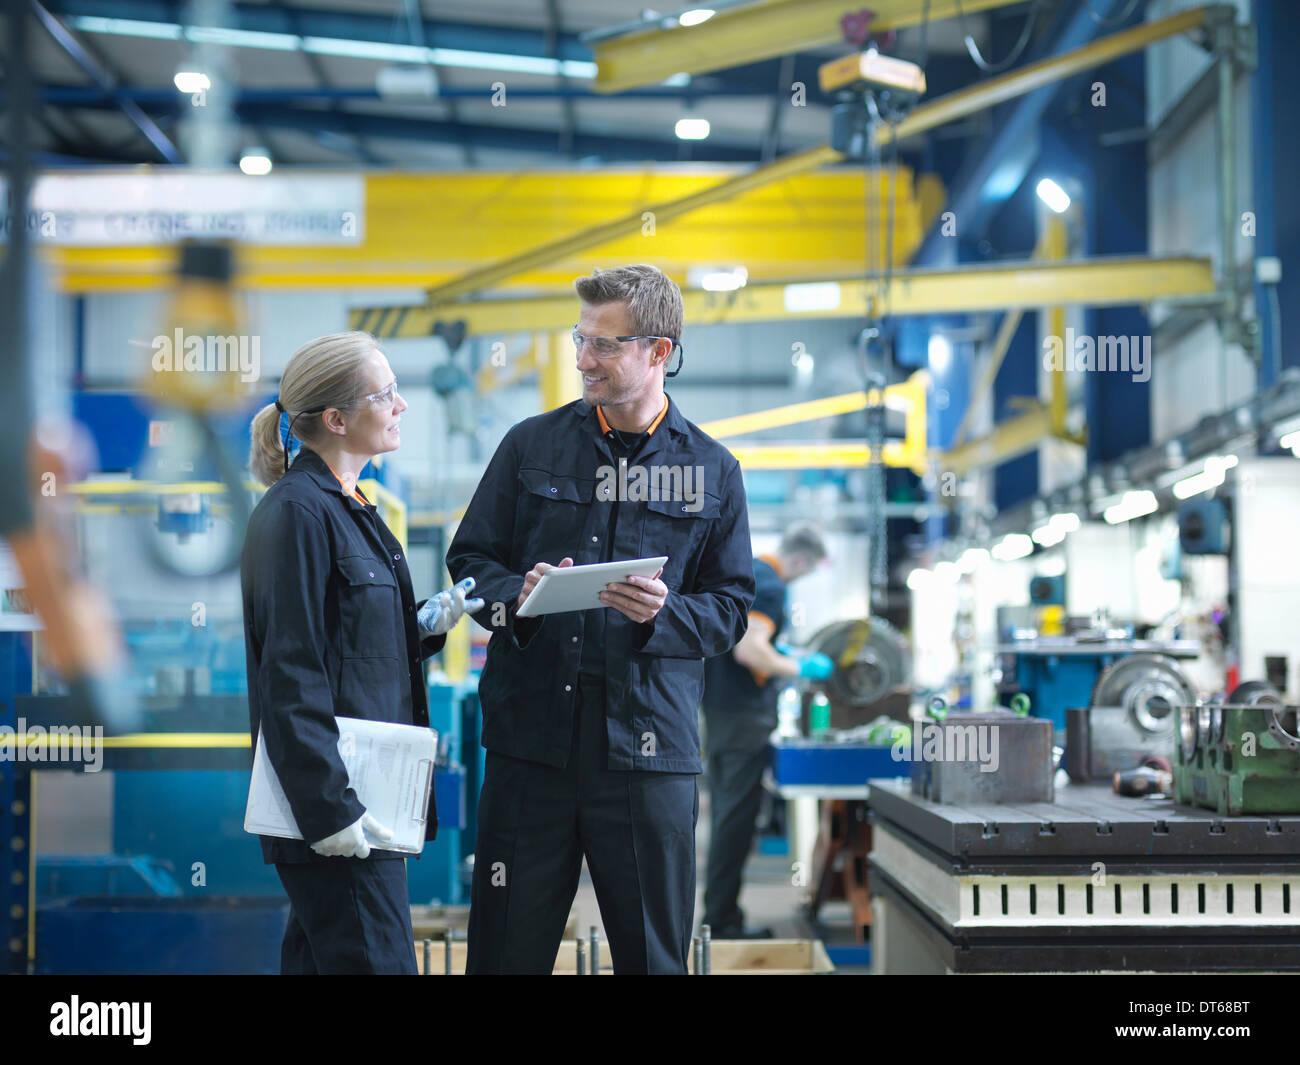 Les travailleurs de l'usine d'ingénierie en discussion Banque D'Images